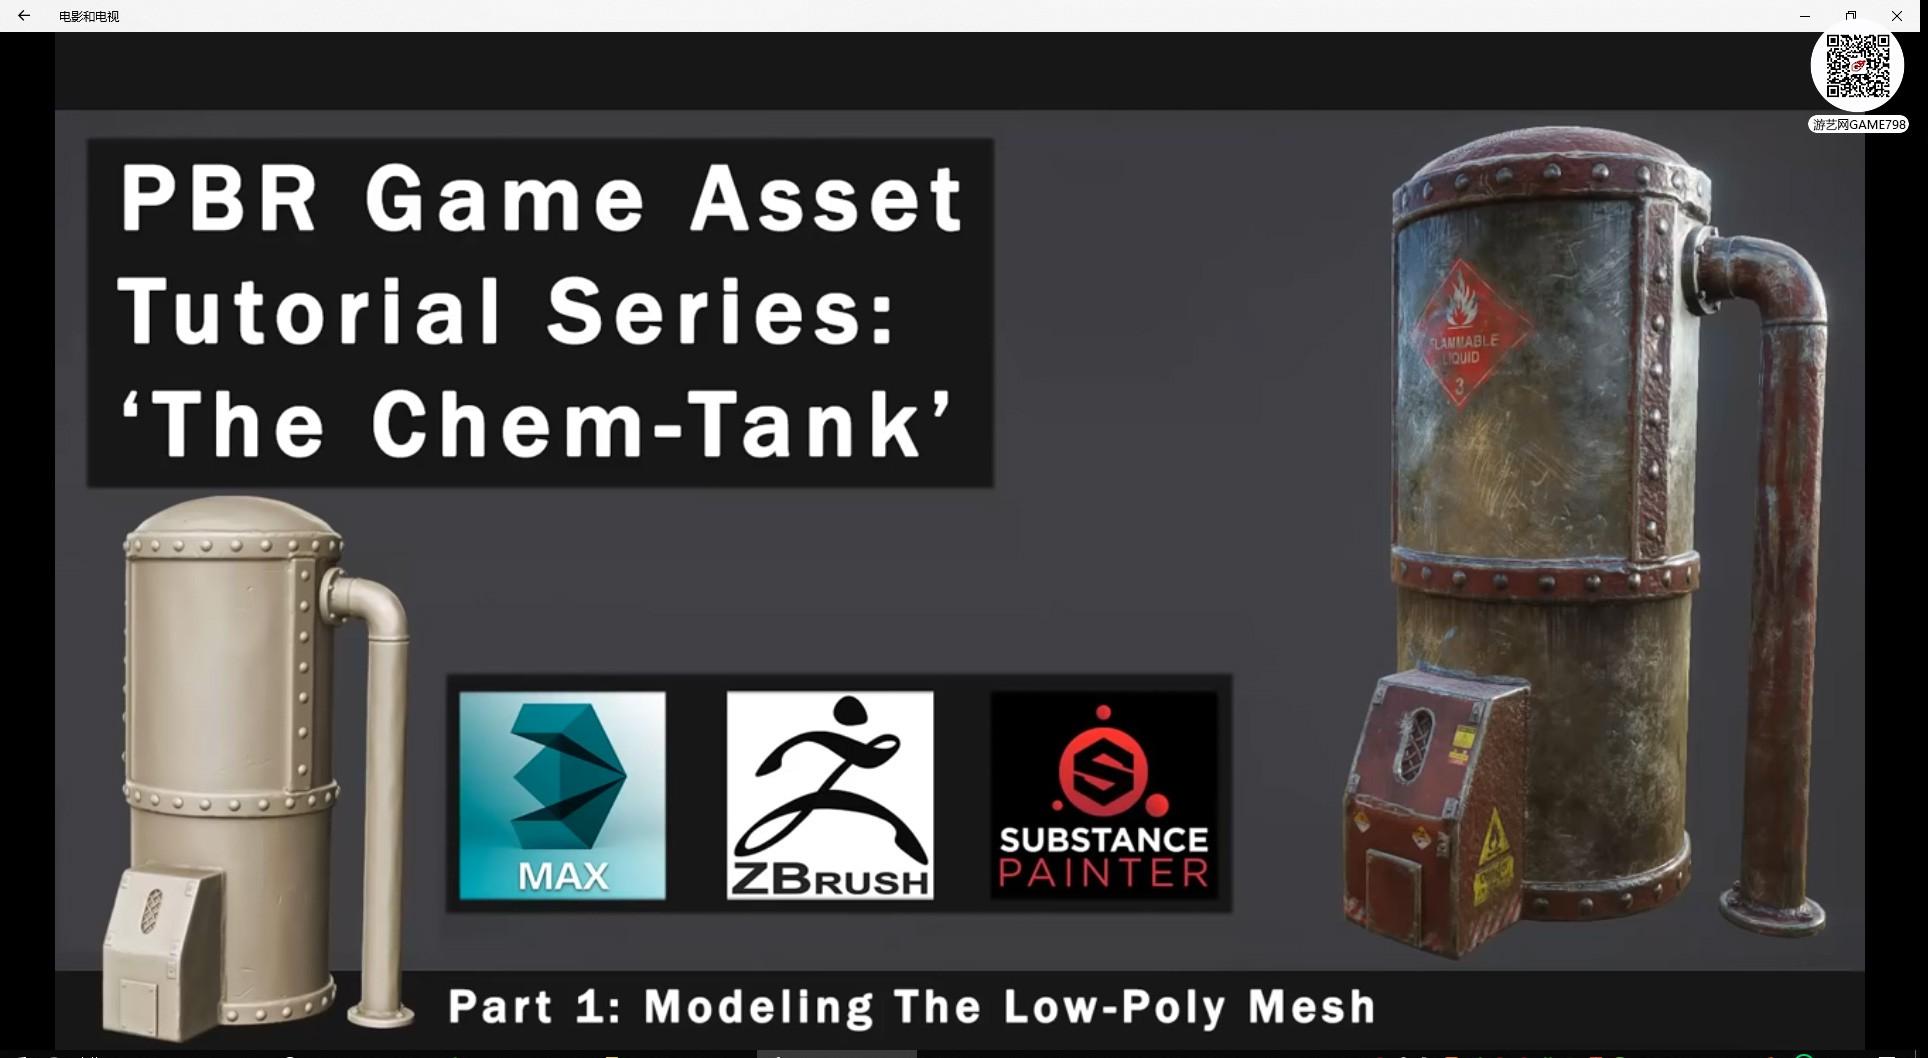 001关注-游艺网GAME798海量资源模型下载.jpg